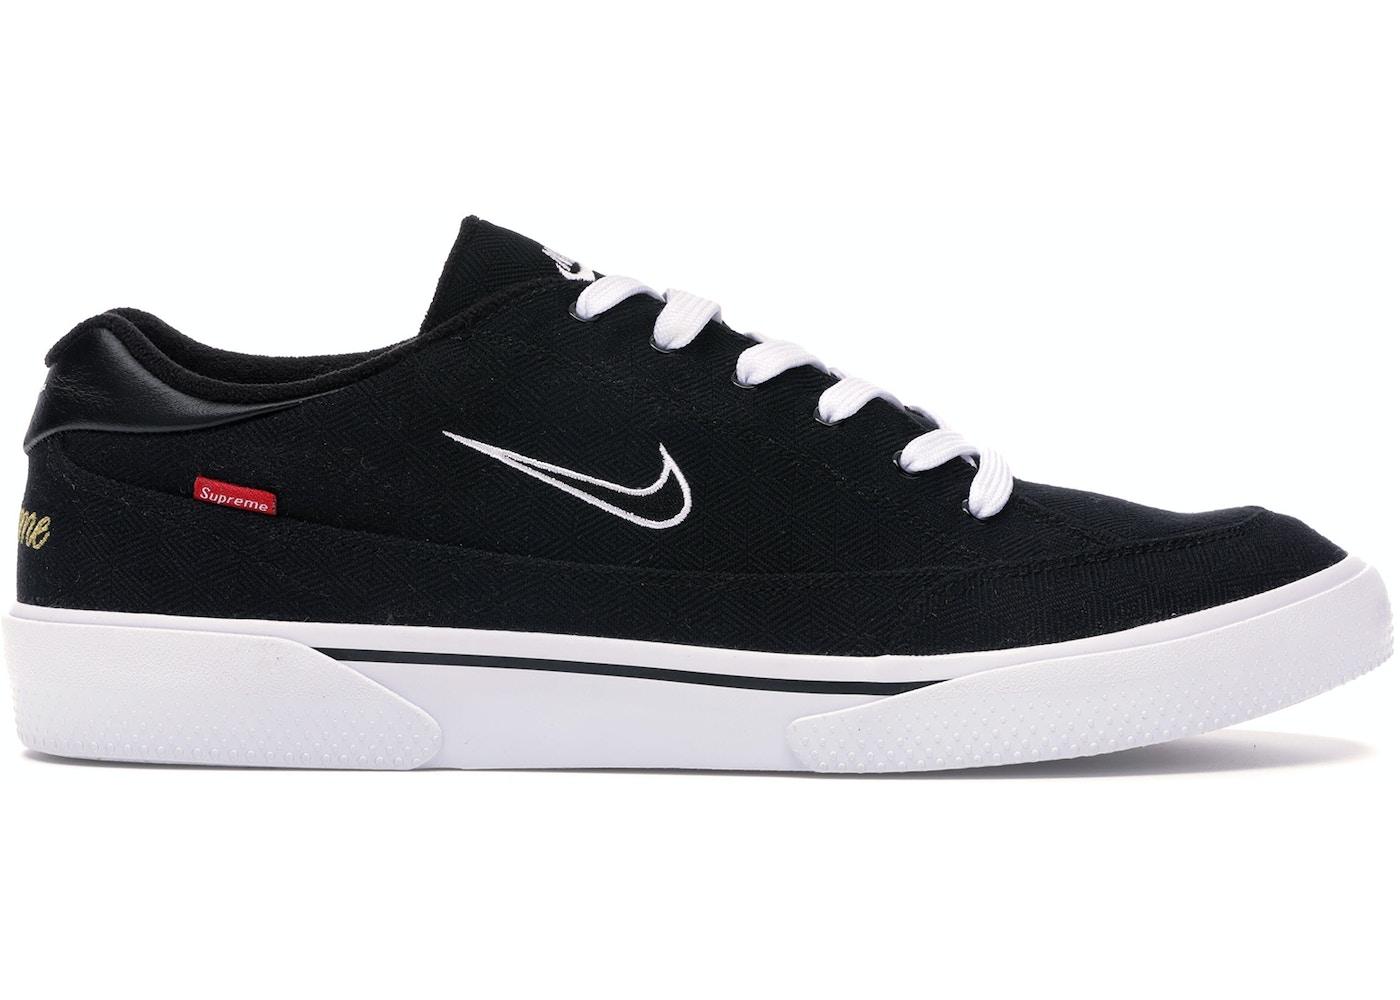 wyprzedaż hurtowa atrakcyjna cena tania wyprzedaż Nike SB GTS Supreme Black